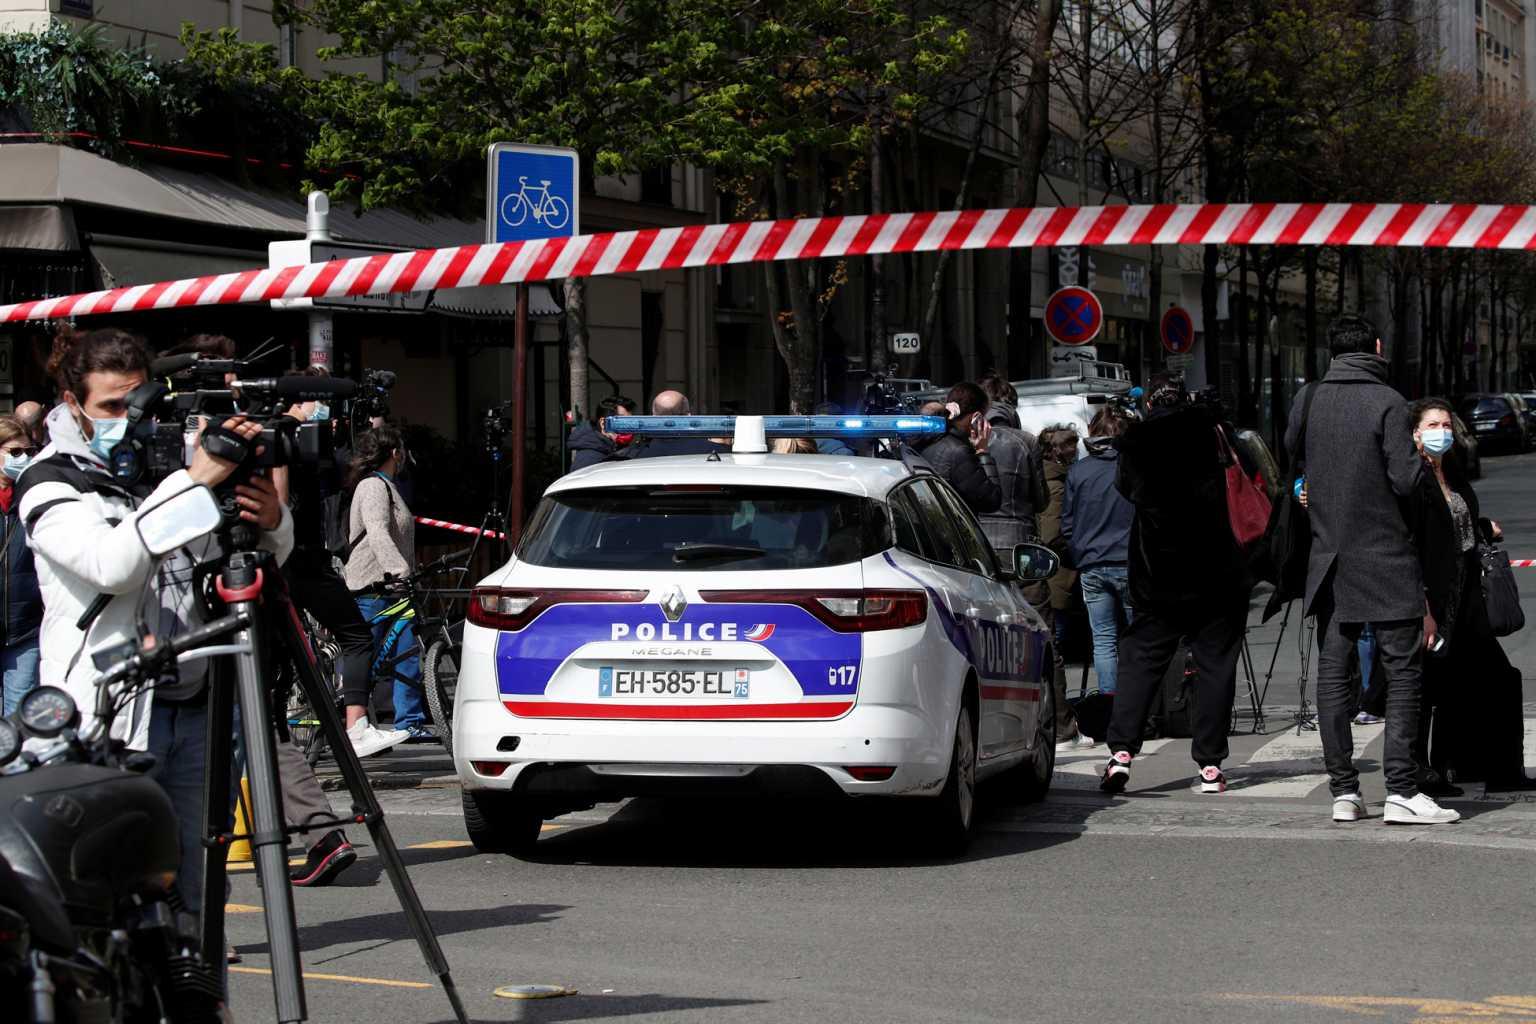 Γαλλία: Φονική επίθεση με μαχαίρι σε μια γυναίκα αστυνομικό στο Παρίσι